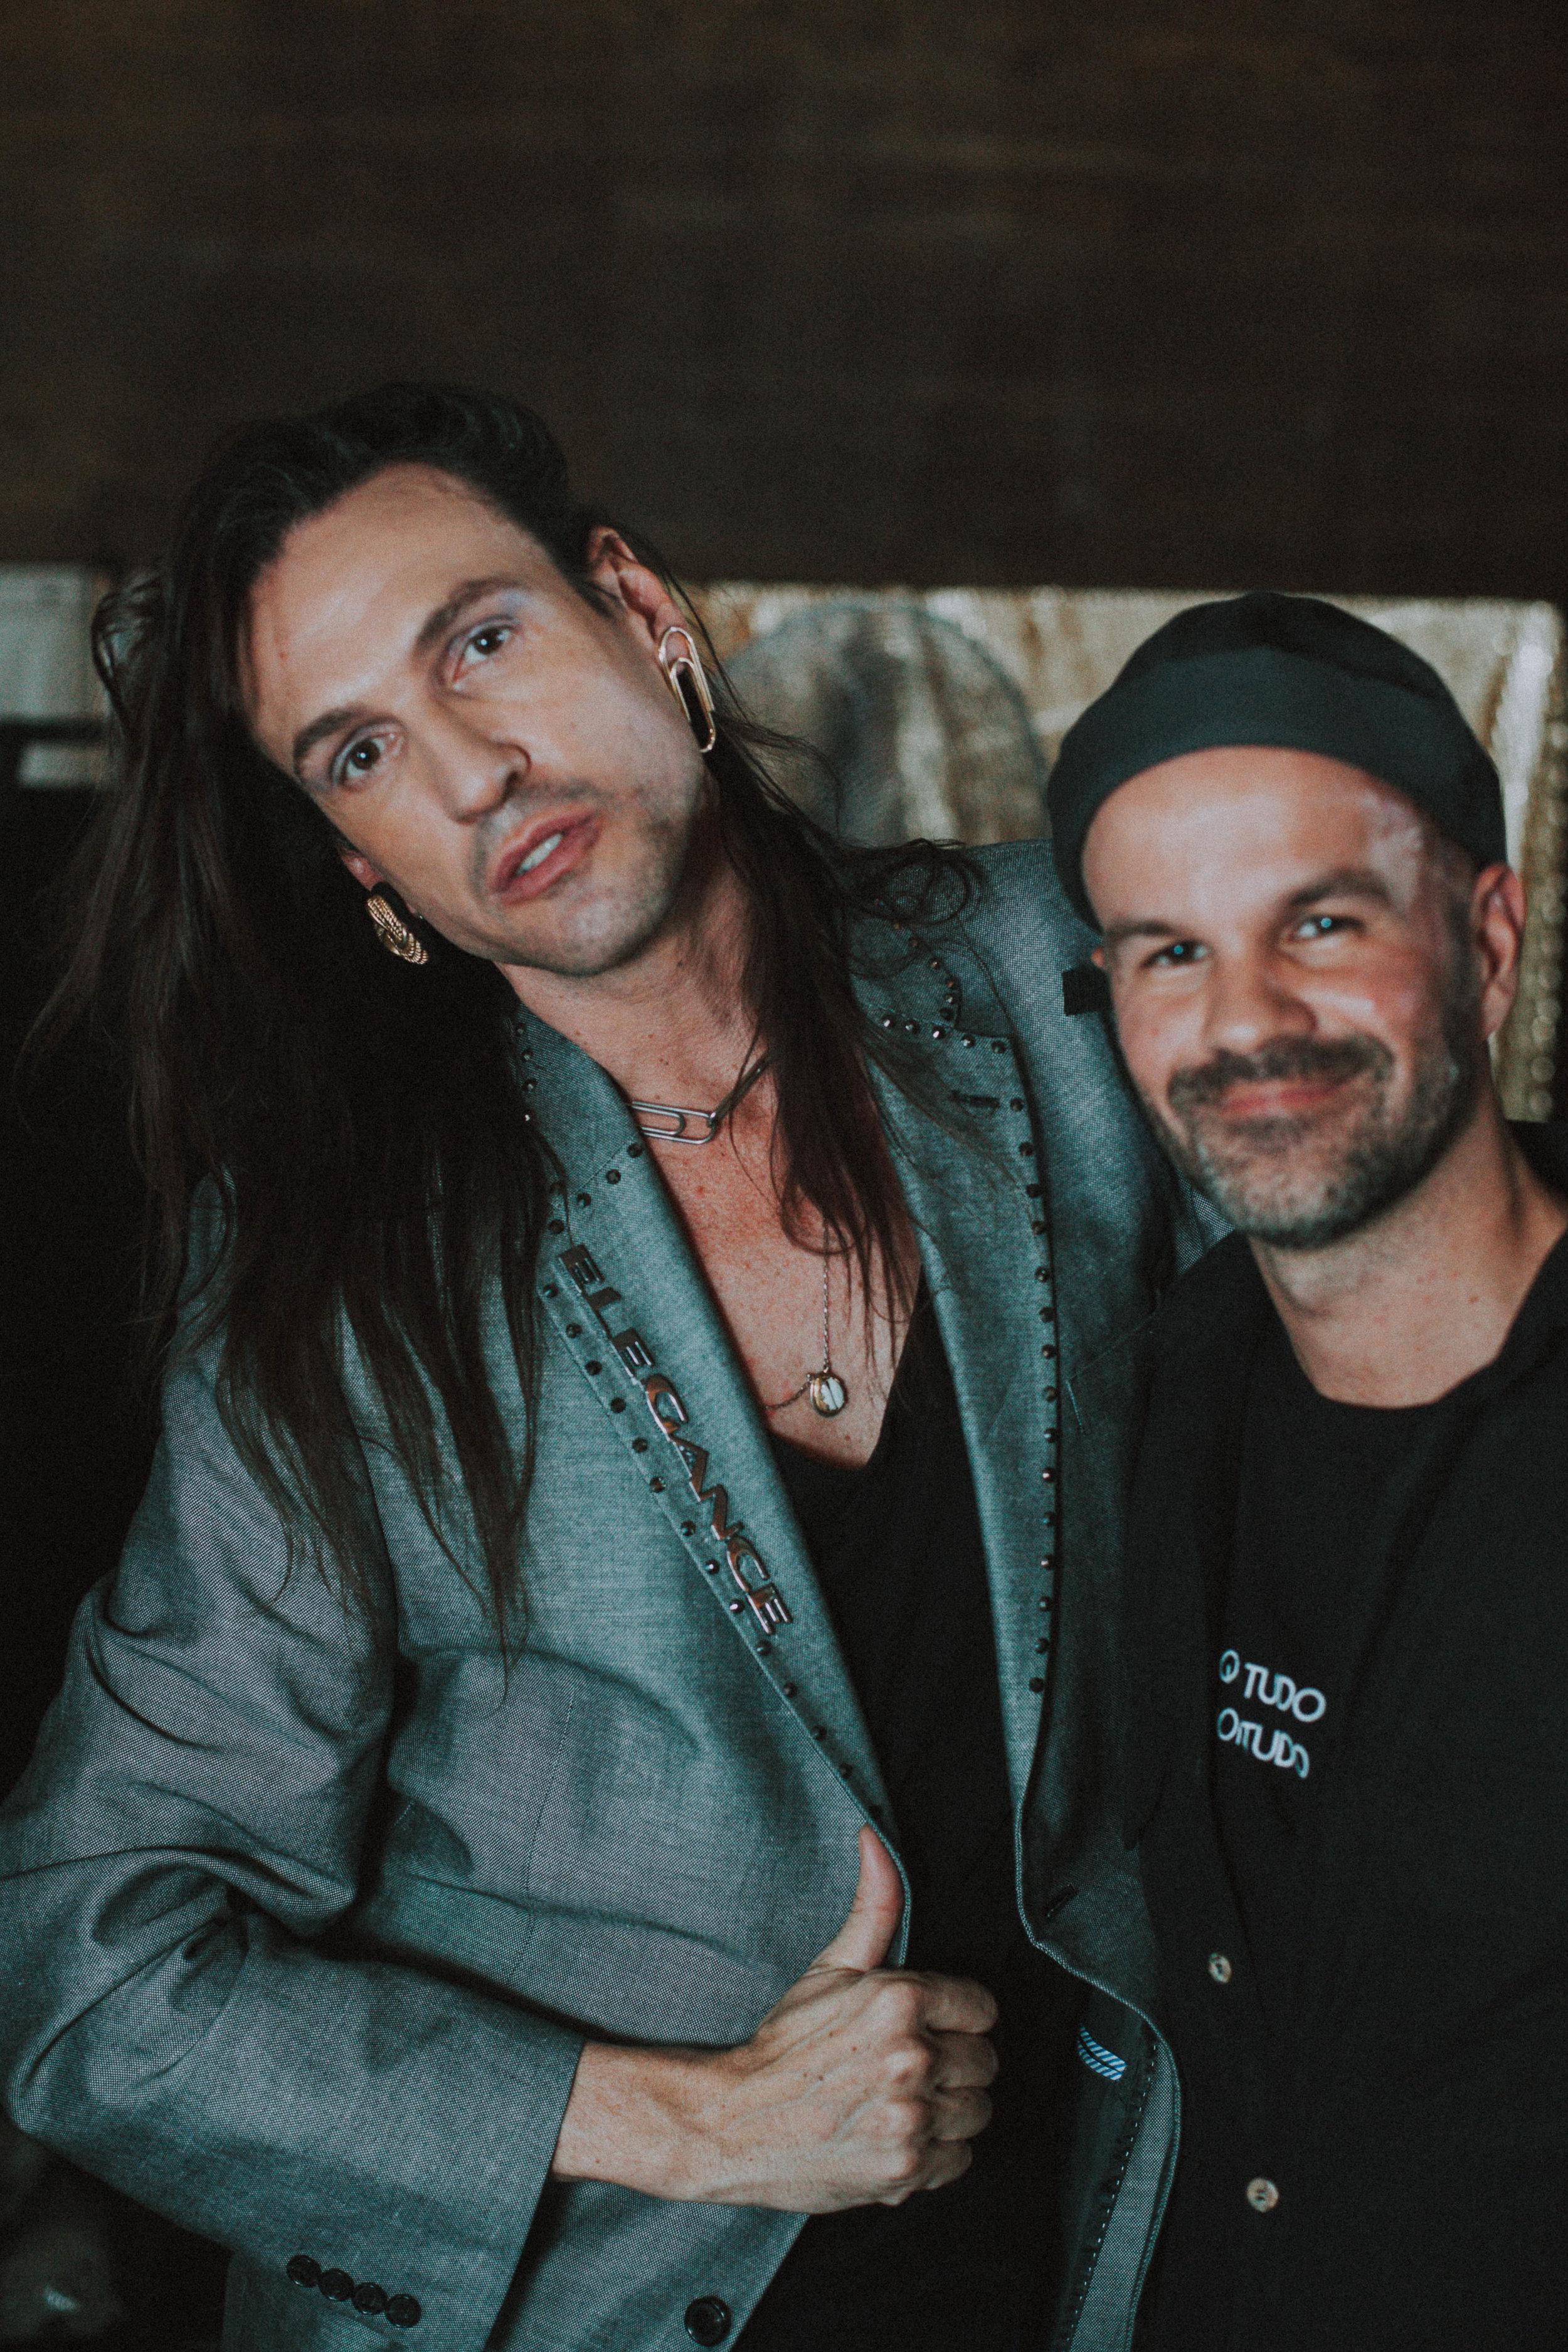 Dudu e André Carvalhal no backstage - Foto: Paulo Cândido